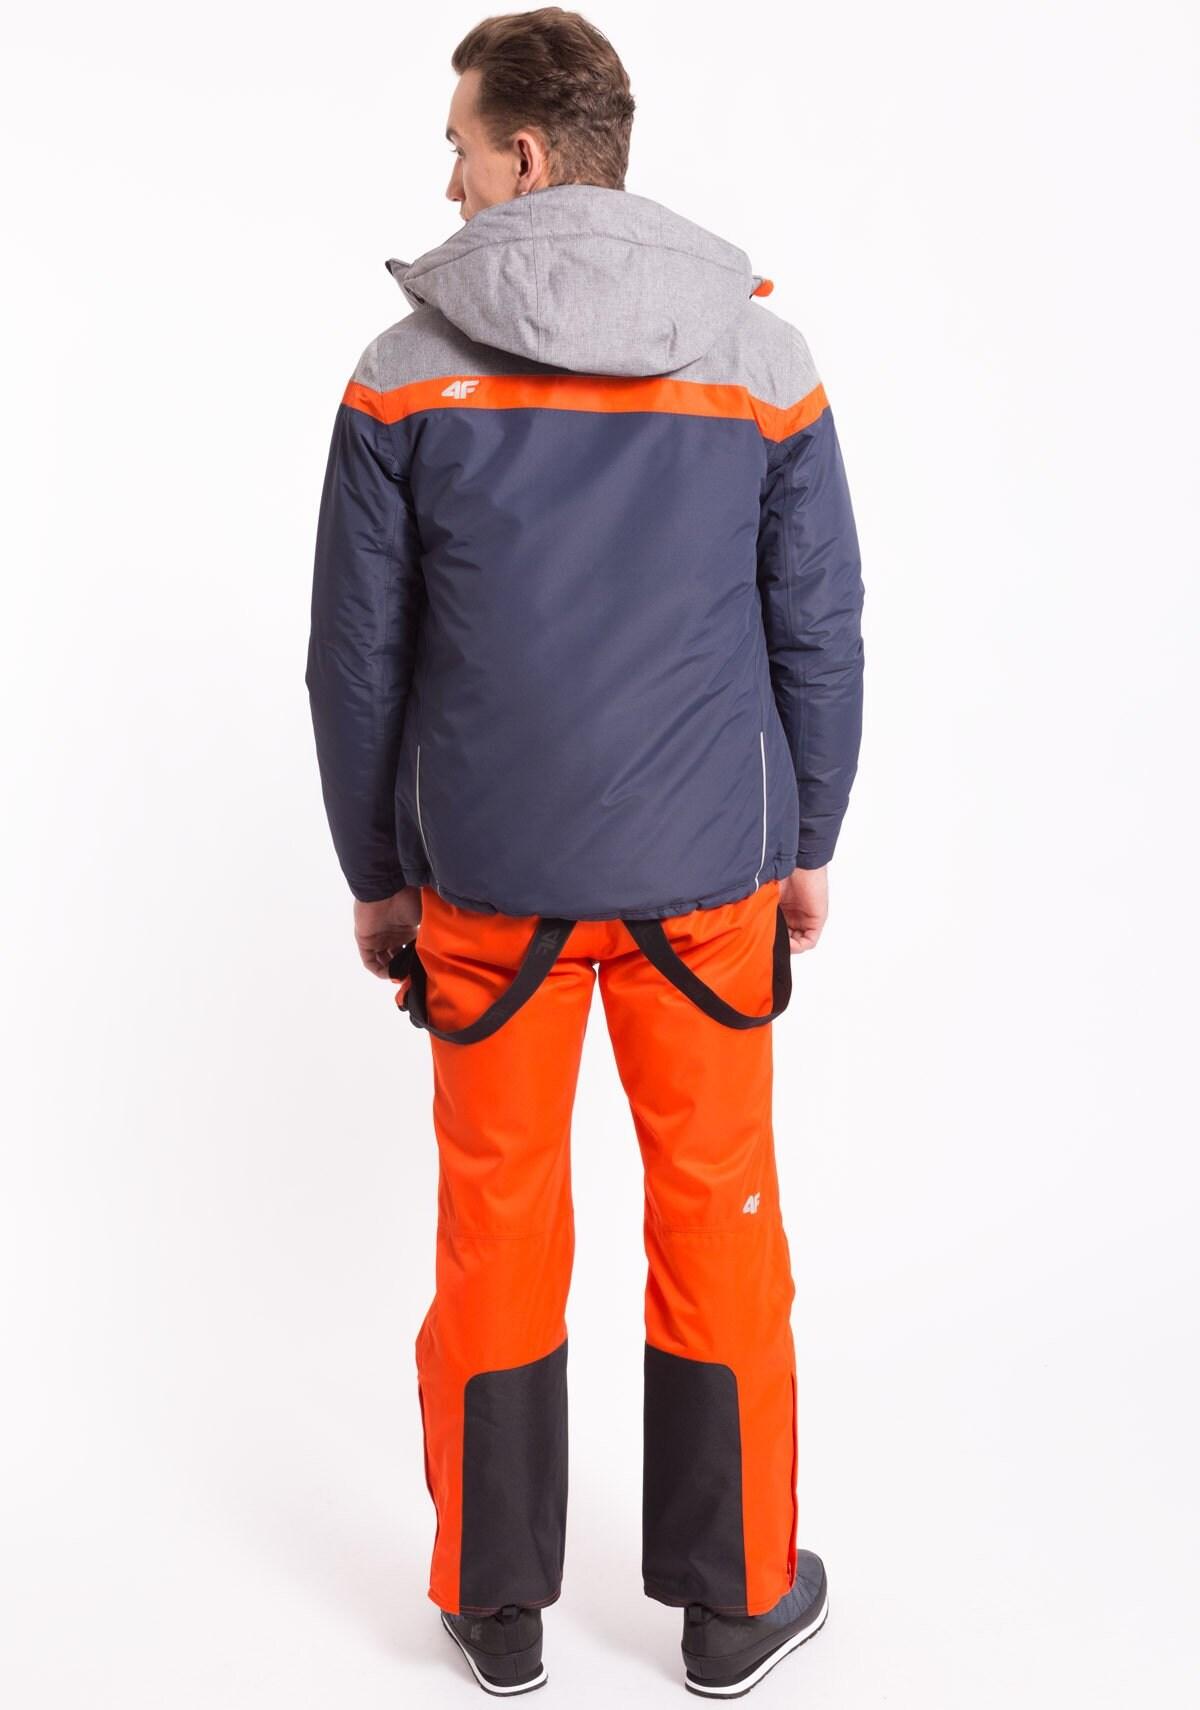 Kurtka narciarska męska KUMN003z granatowy ciemny